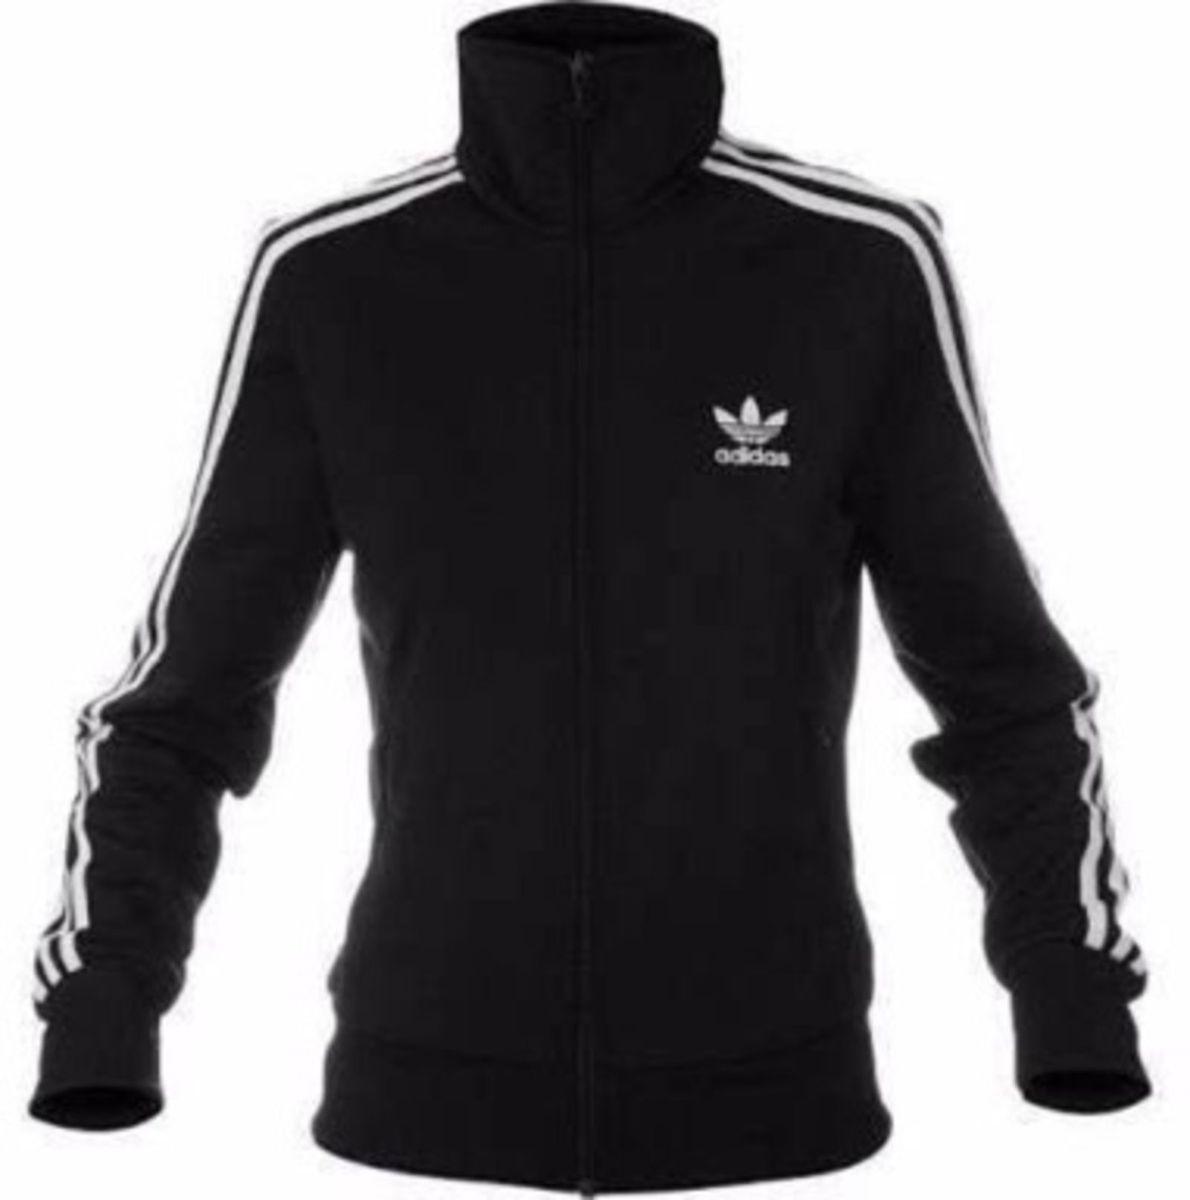 b160a3751a3 blusa de frio adidas - casacos adidas.  Czm6ly9wag90b3muzw5qb2vplmnvbs5ici9wcm9kdwn0cy84mju2nzk2lzg0mmm0yji3ytu0mgnmmzdiytfkywvizte1mziymmvhlmpwzw